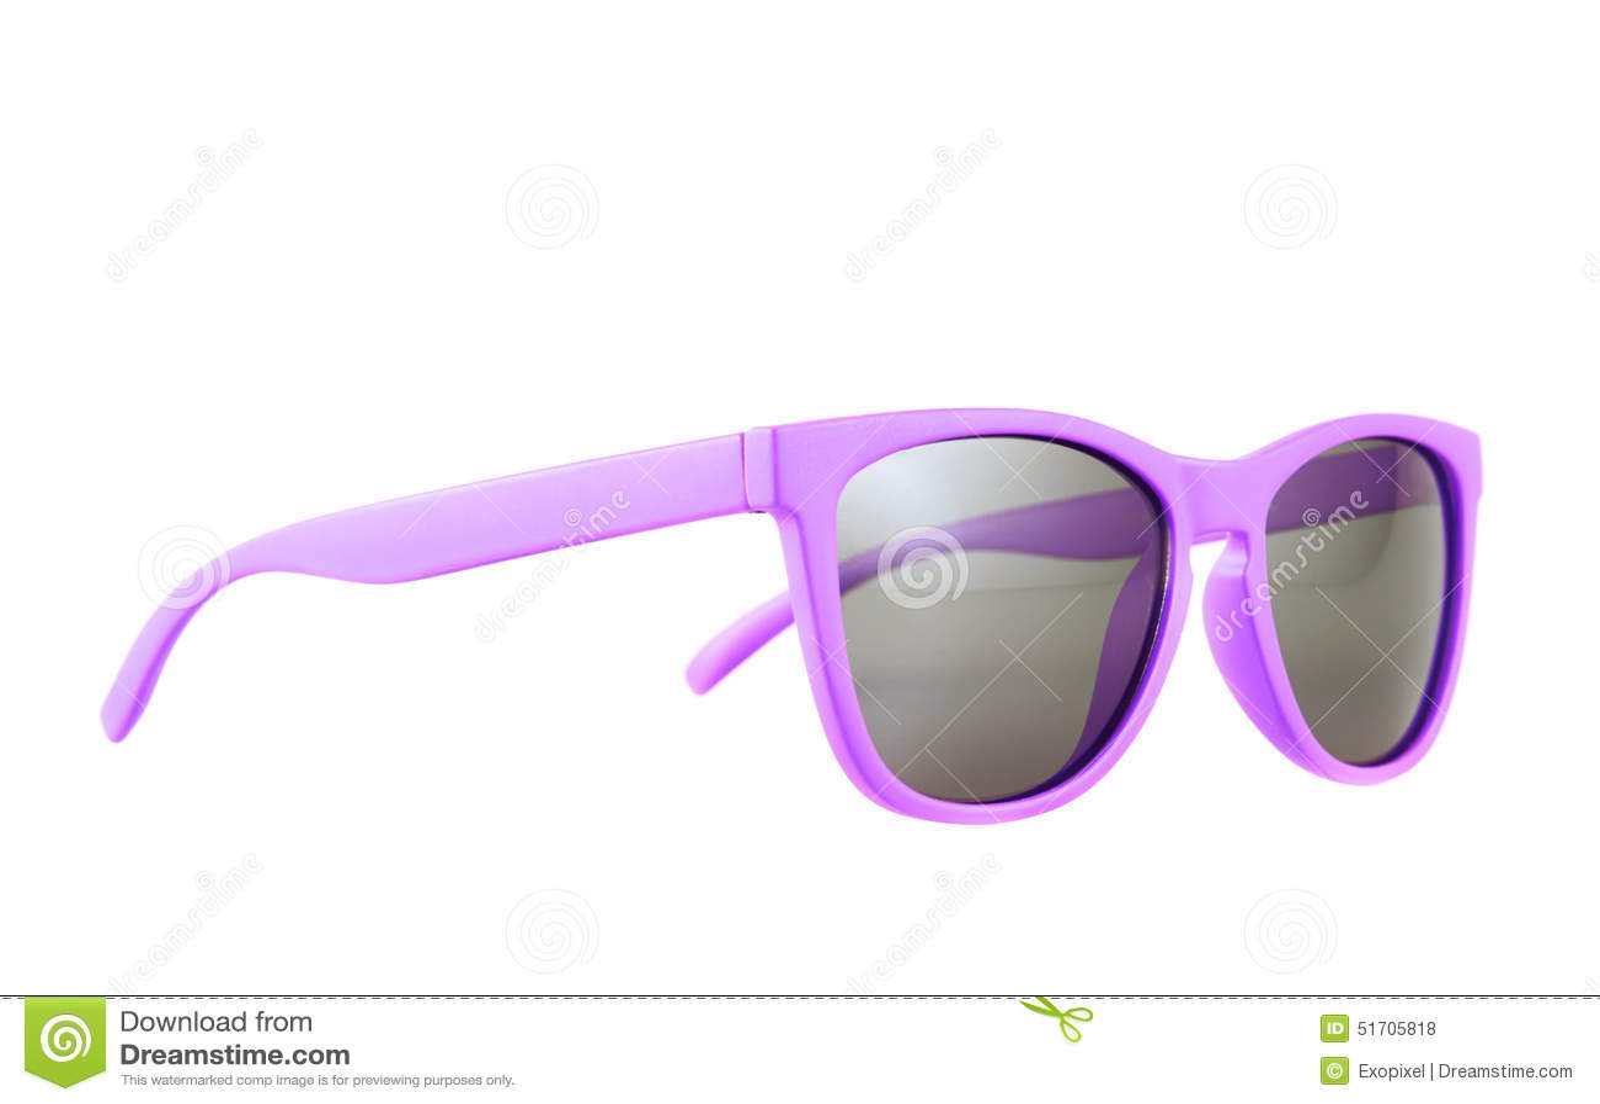 Verres de soleil violets d isolement